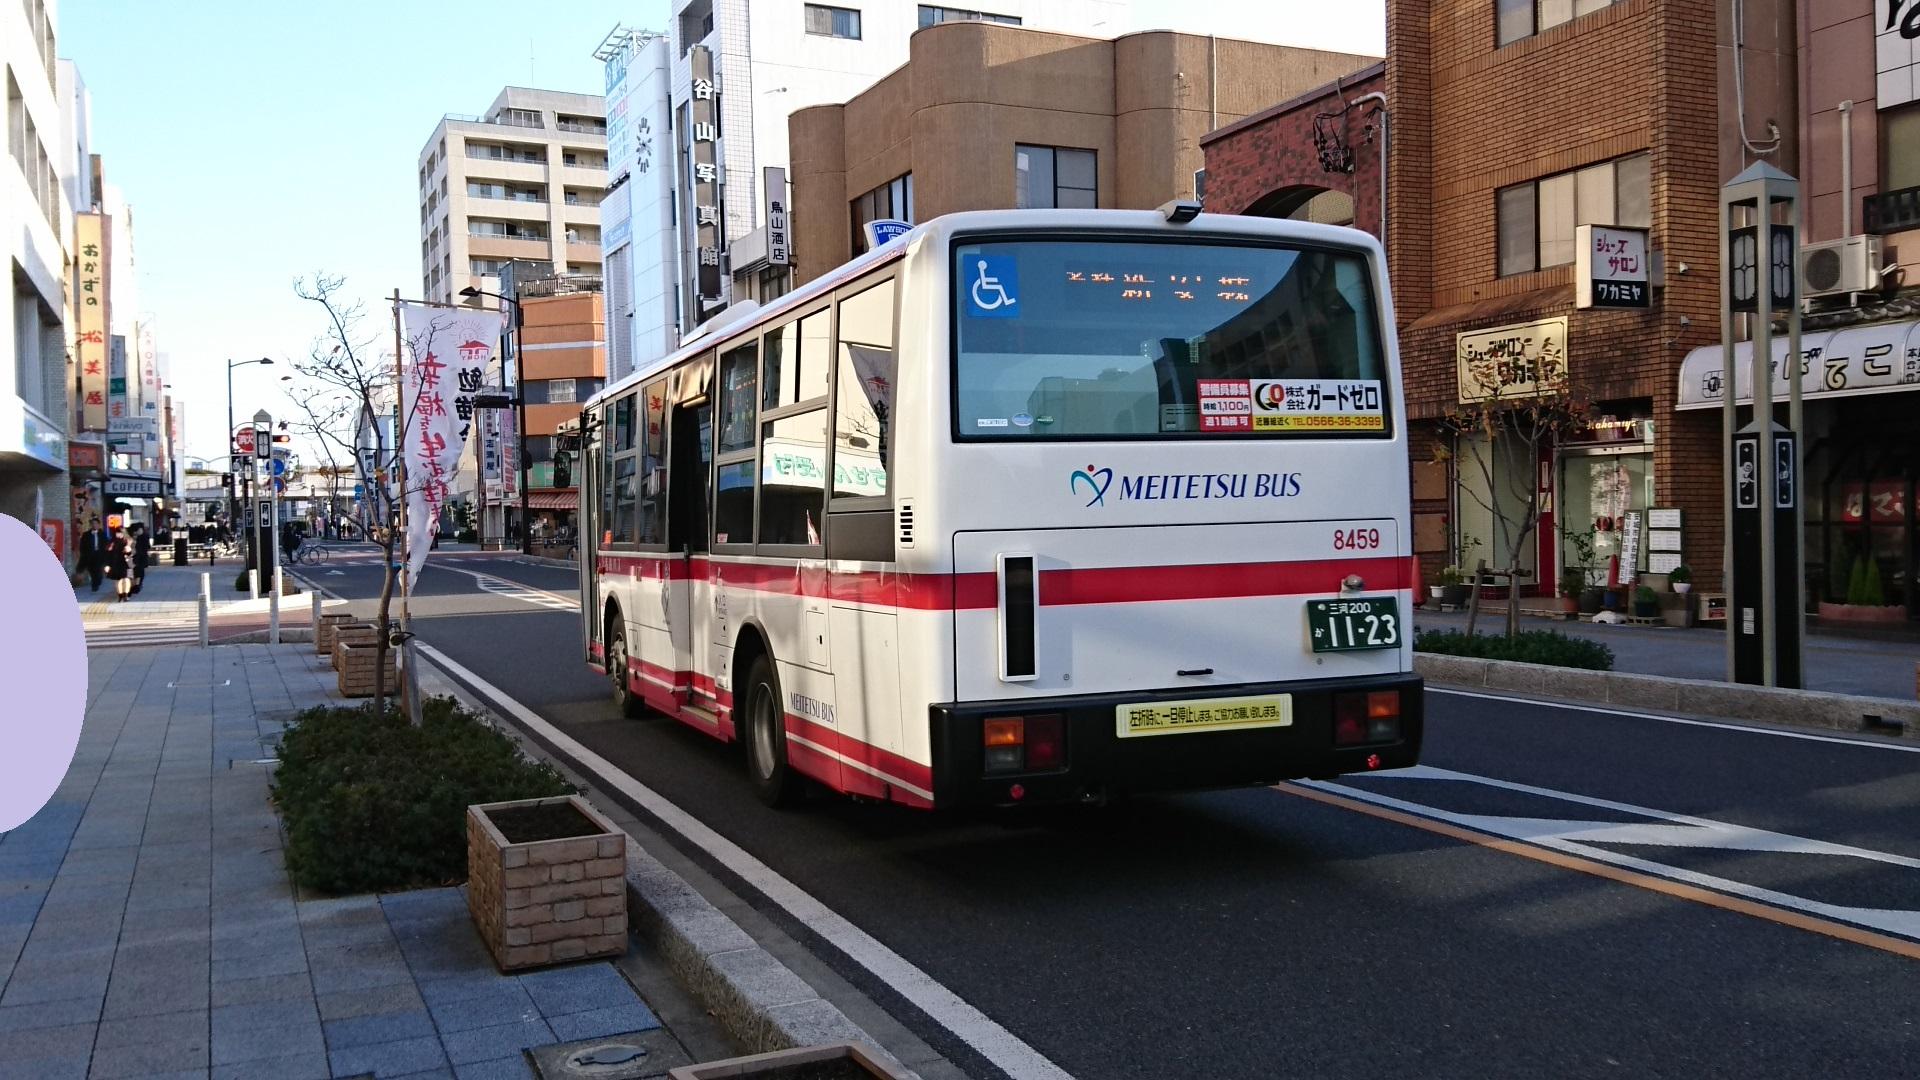 2016.12.2 あさ (3) 碧海信用金庫本店まえ - 名鉄バス 1920-1080